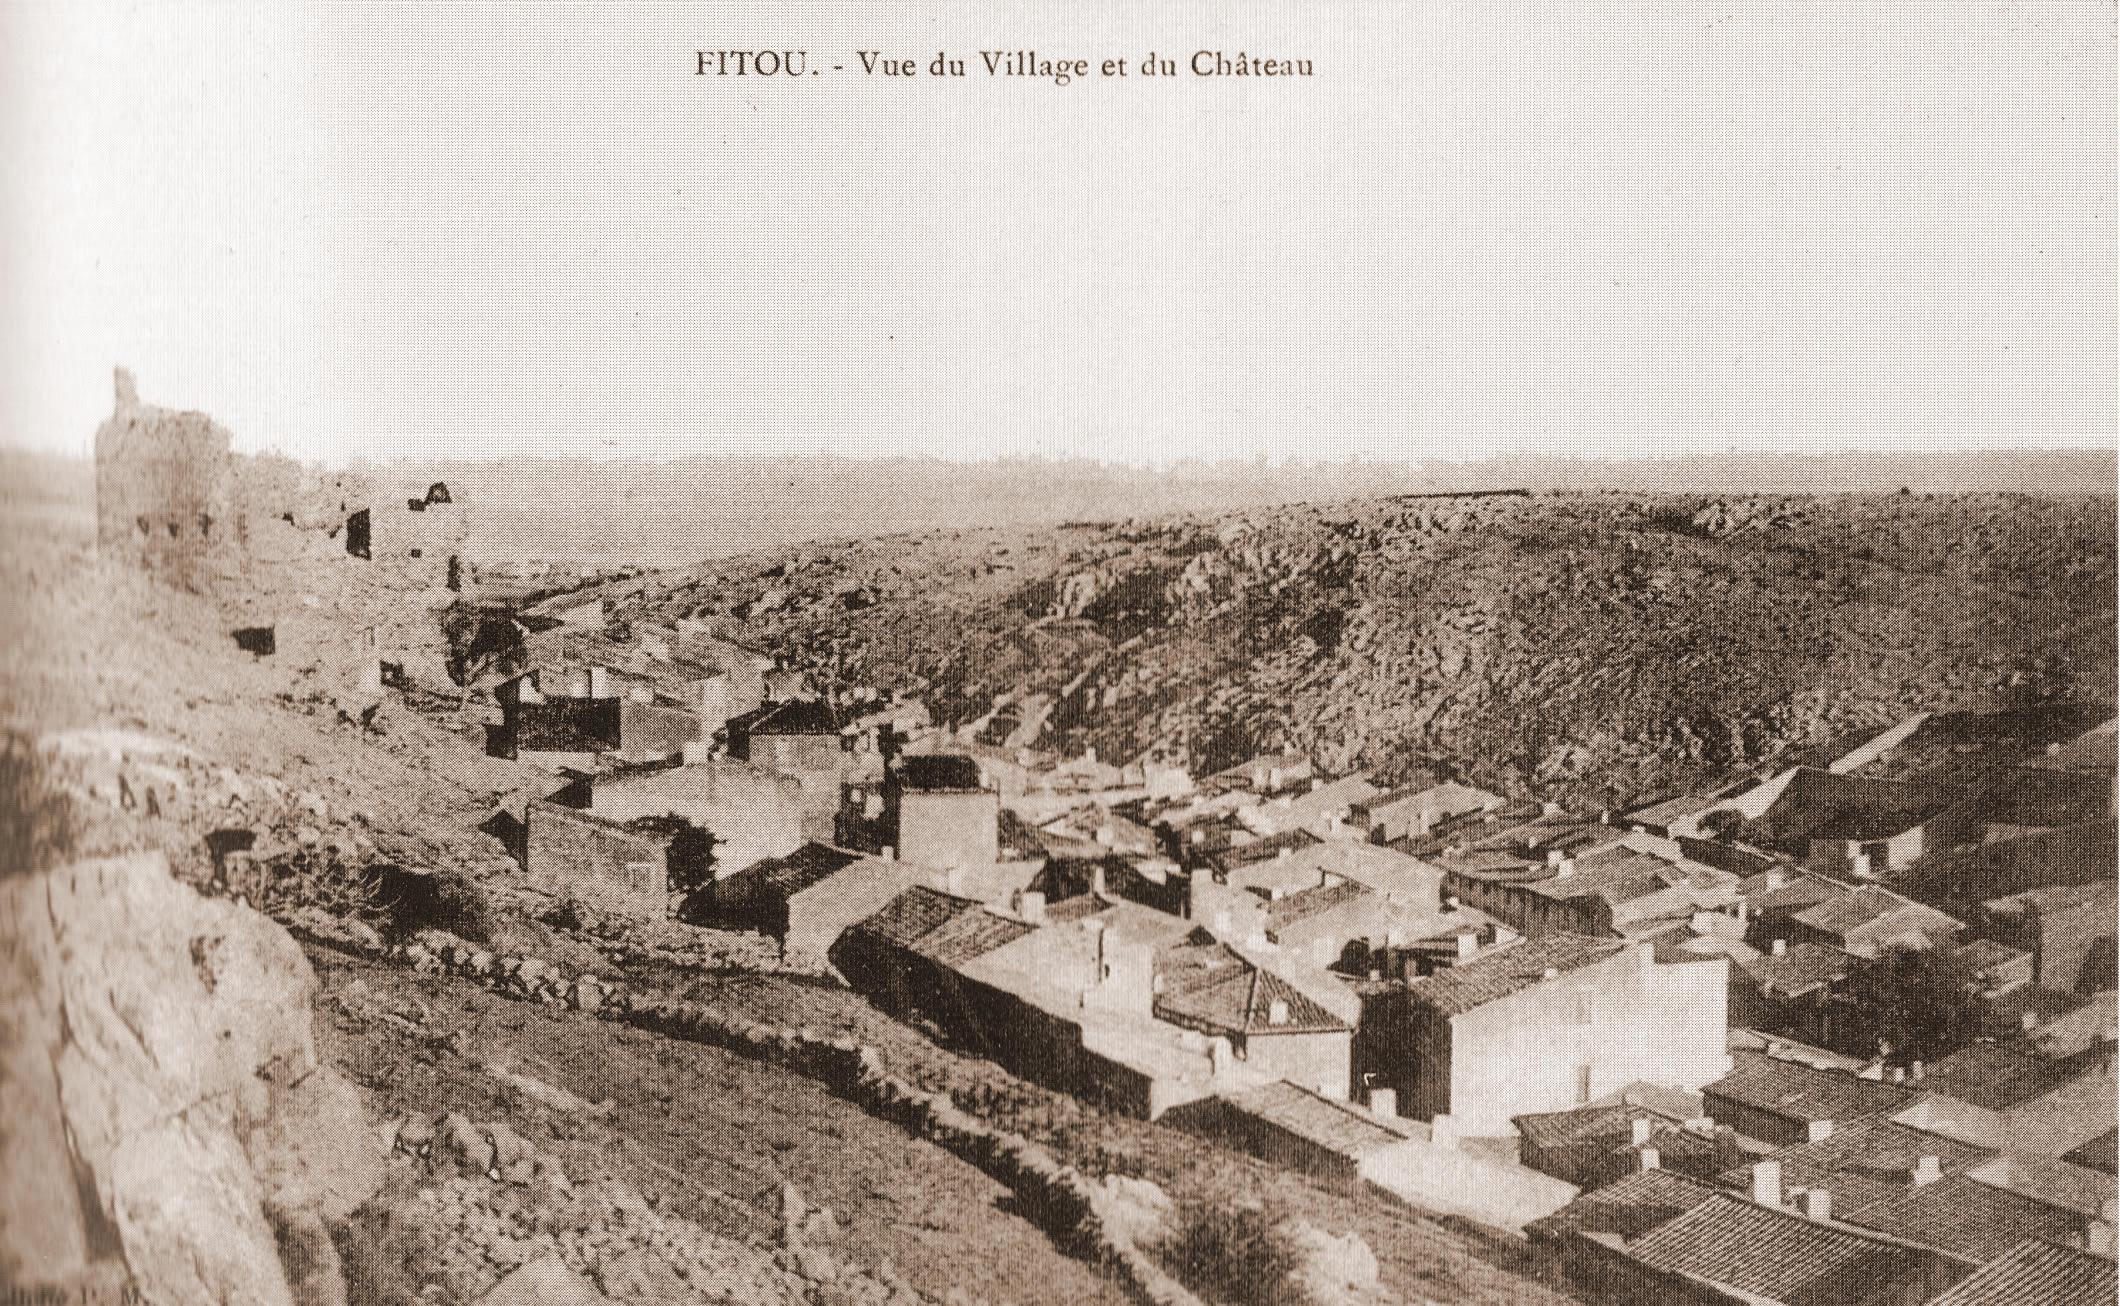 Vue du Village e du Chateau001